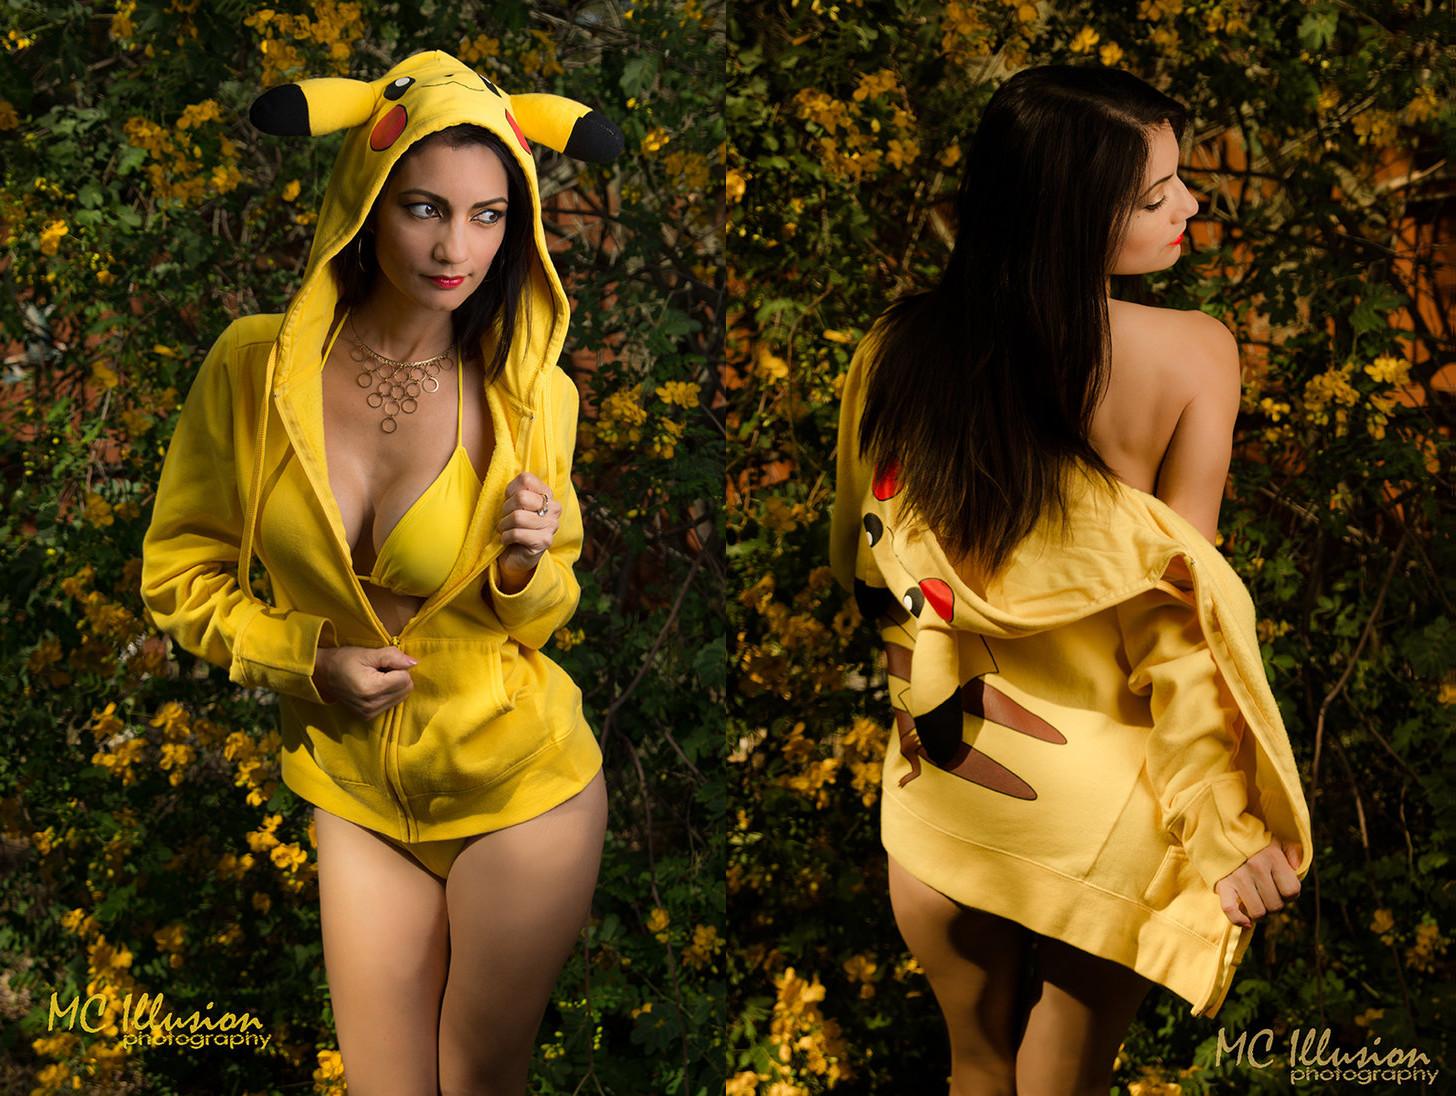 pikachu-pokemon-go-porno.jpg